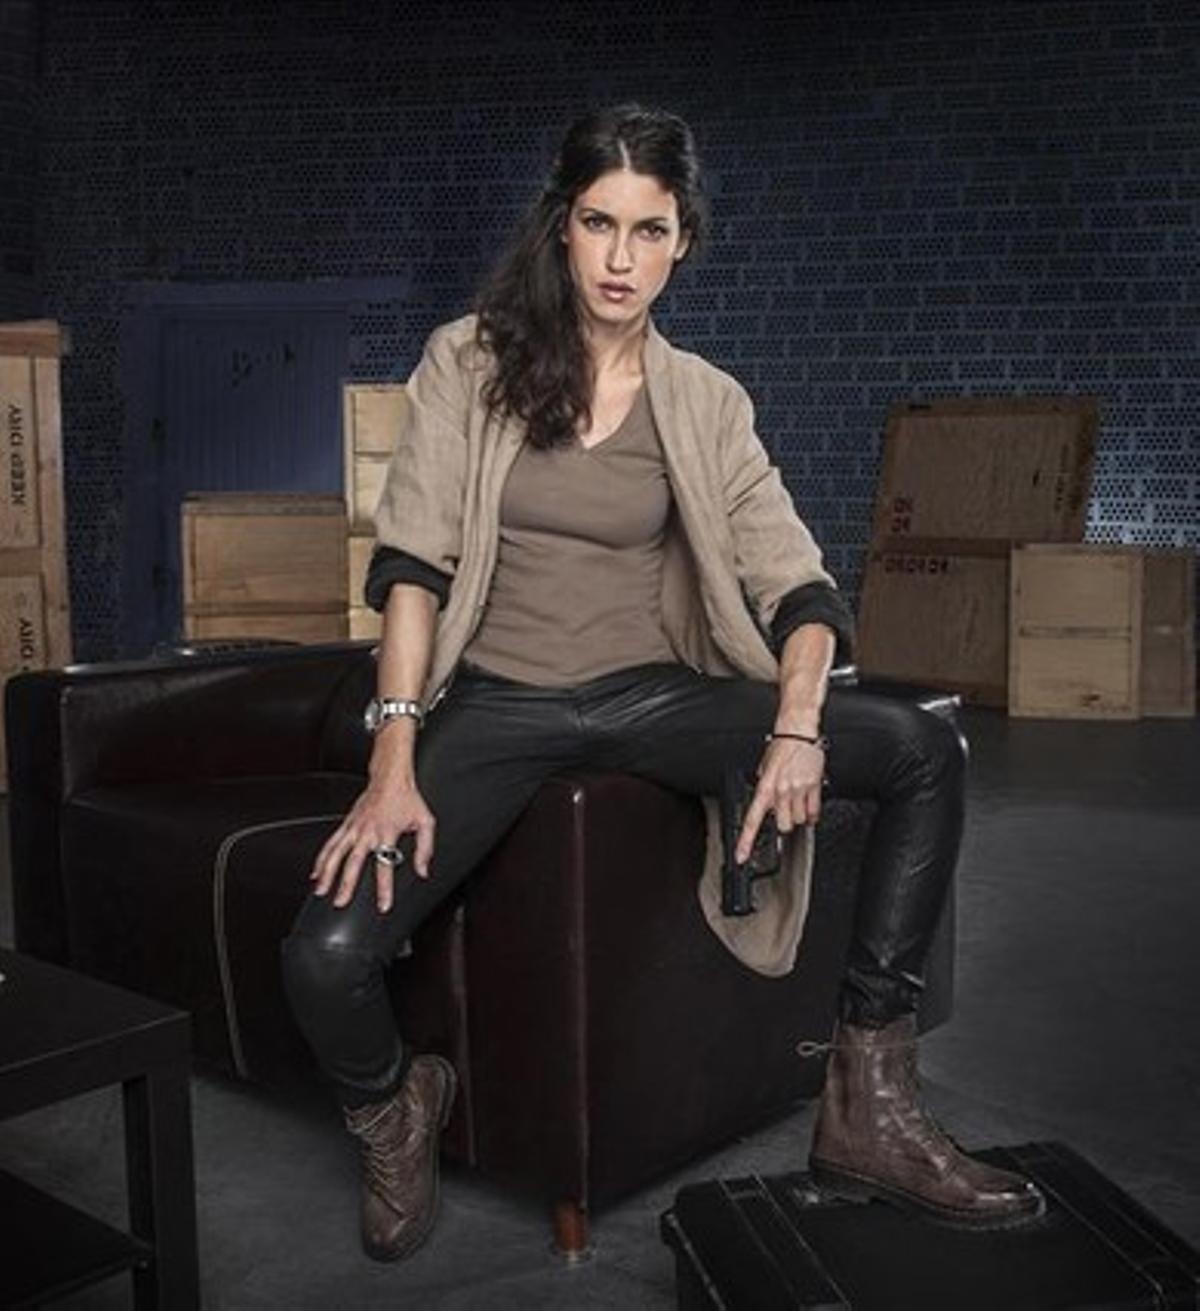 La actriz Nerea Barros, caracterizada como la espía Hidalgo, en la serie 'El Príncipe'.